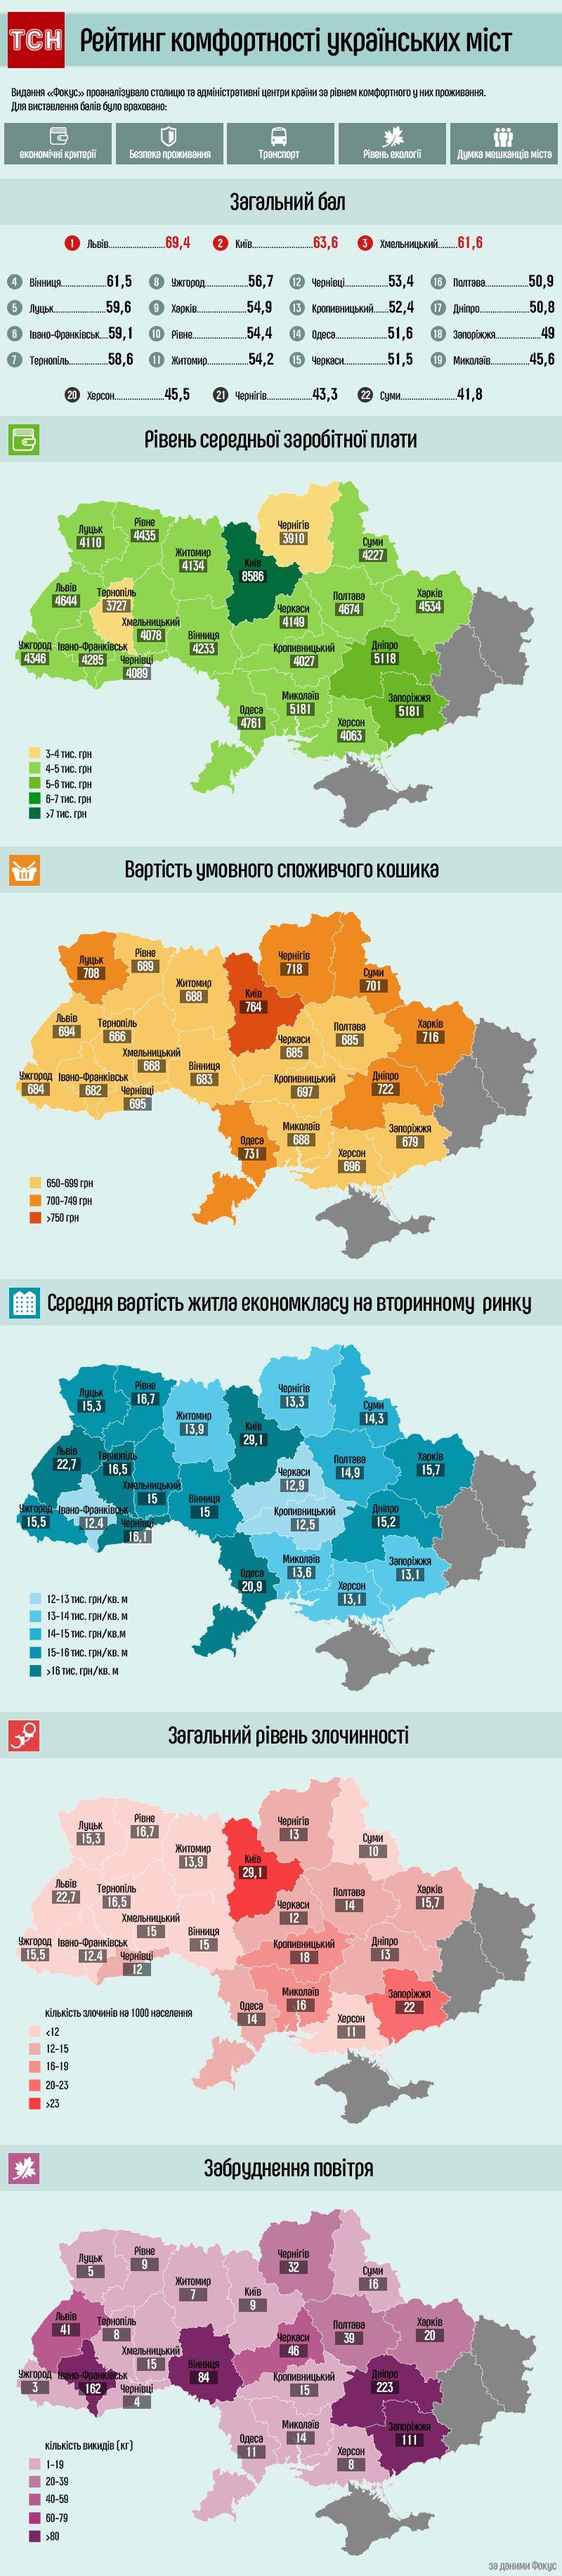 рейтинг комфортності українських міст, інфографіка